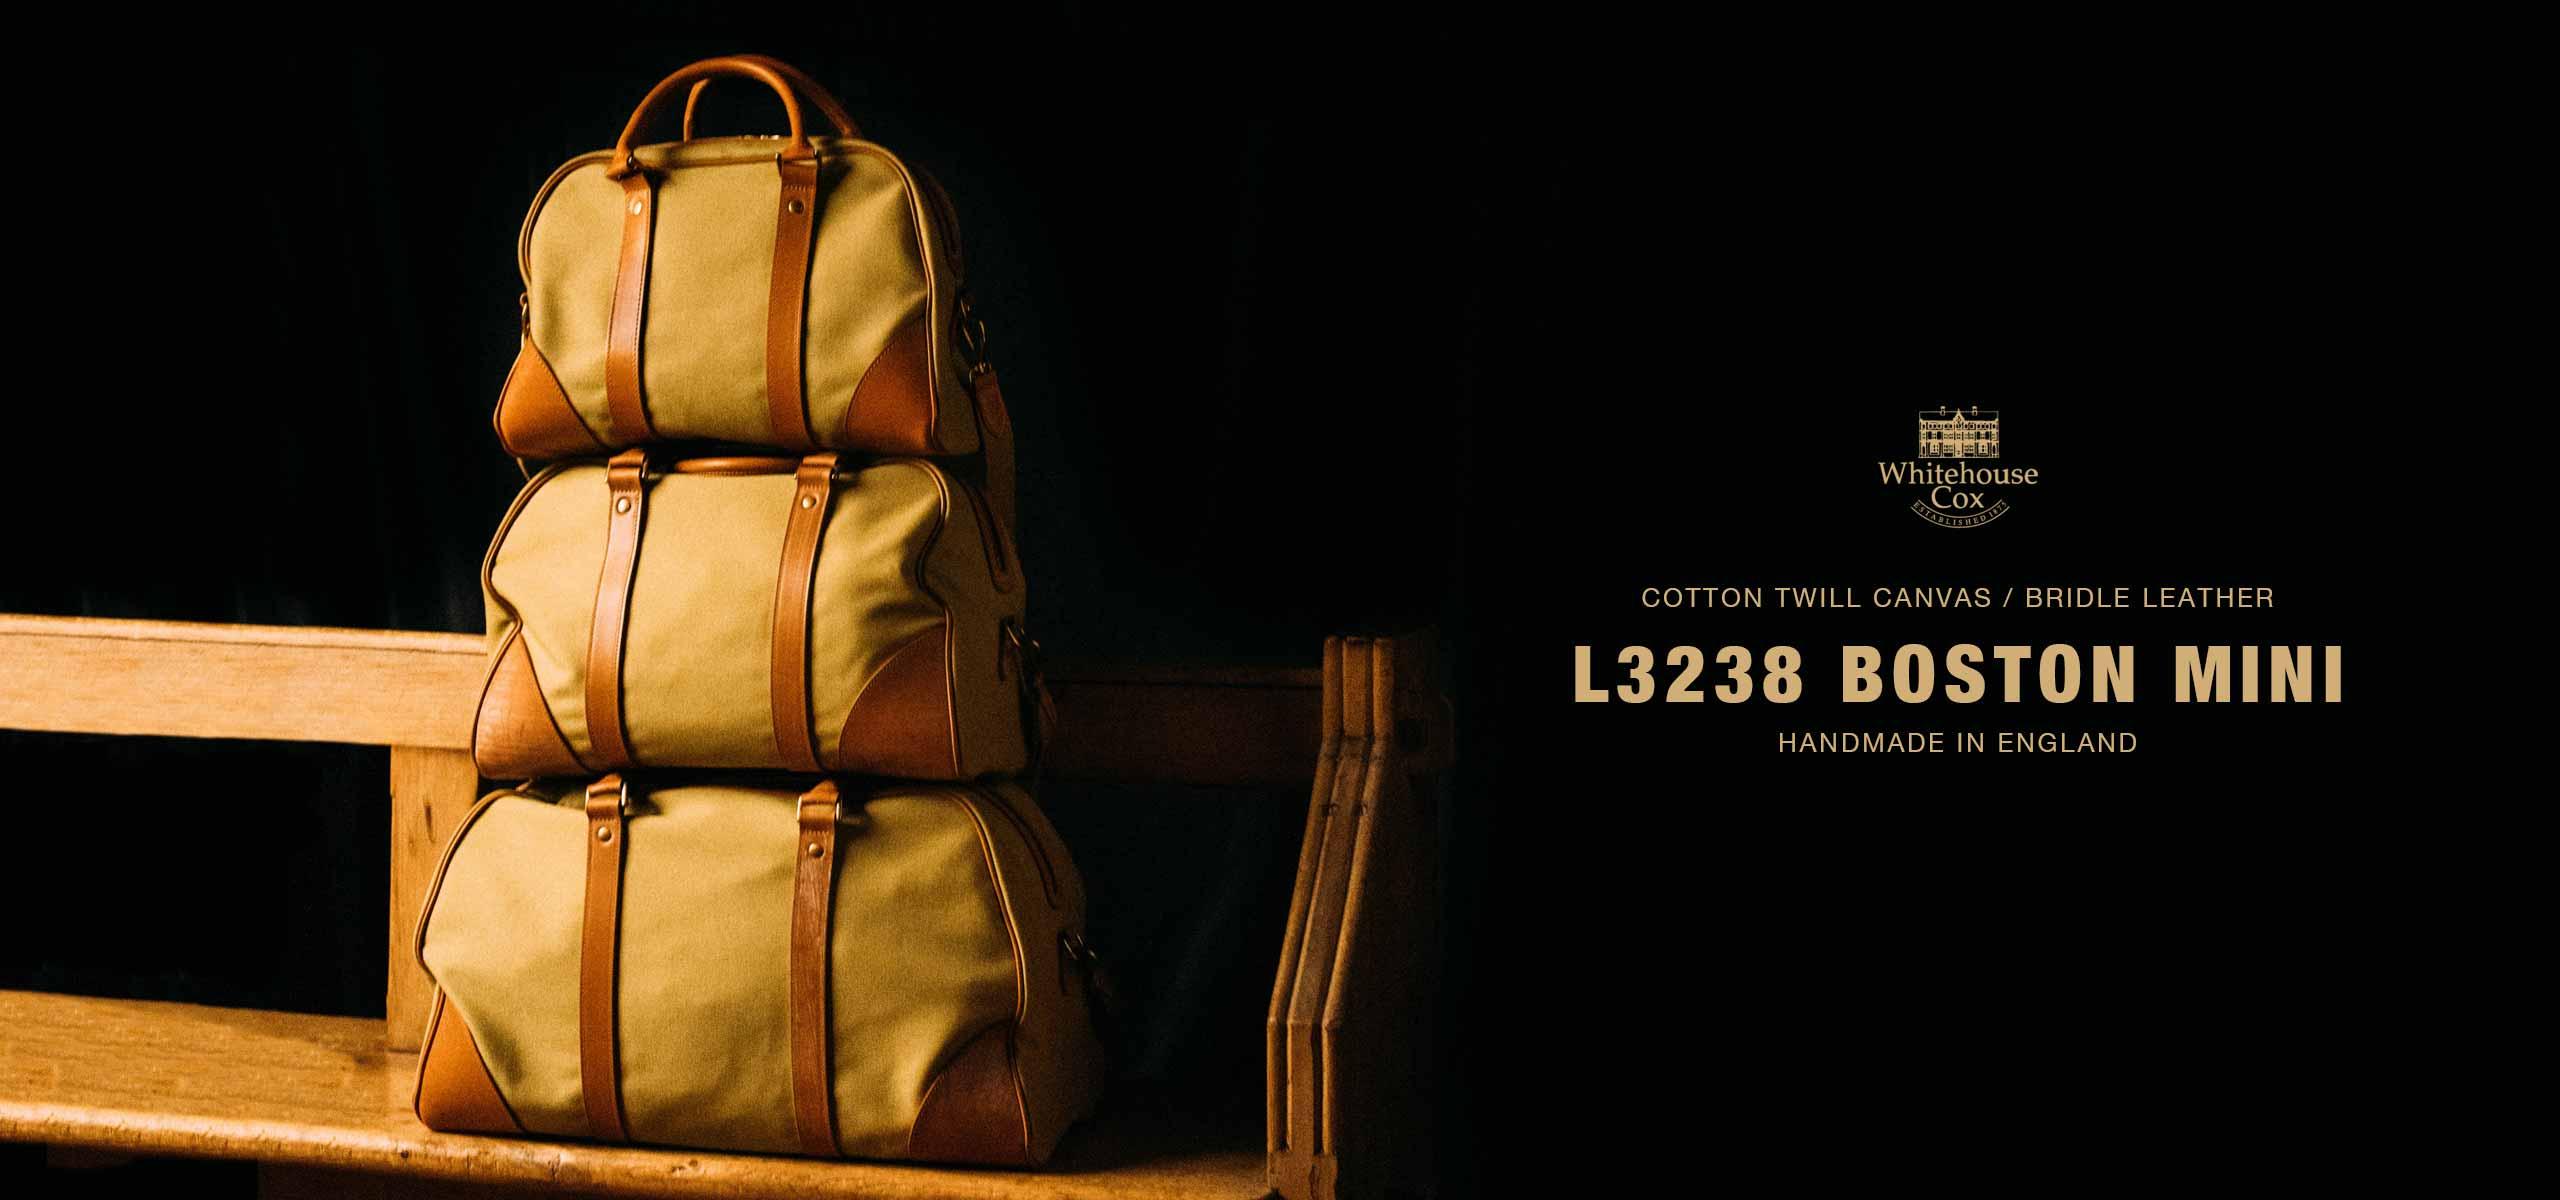 L3238 BOSTON MINI